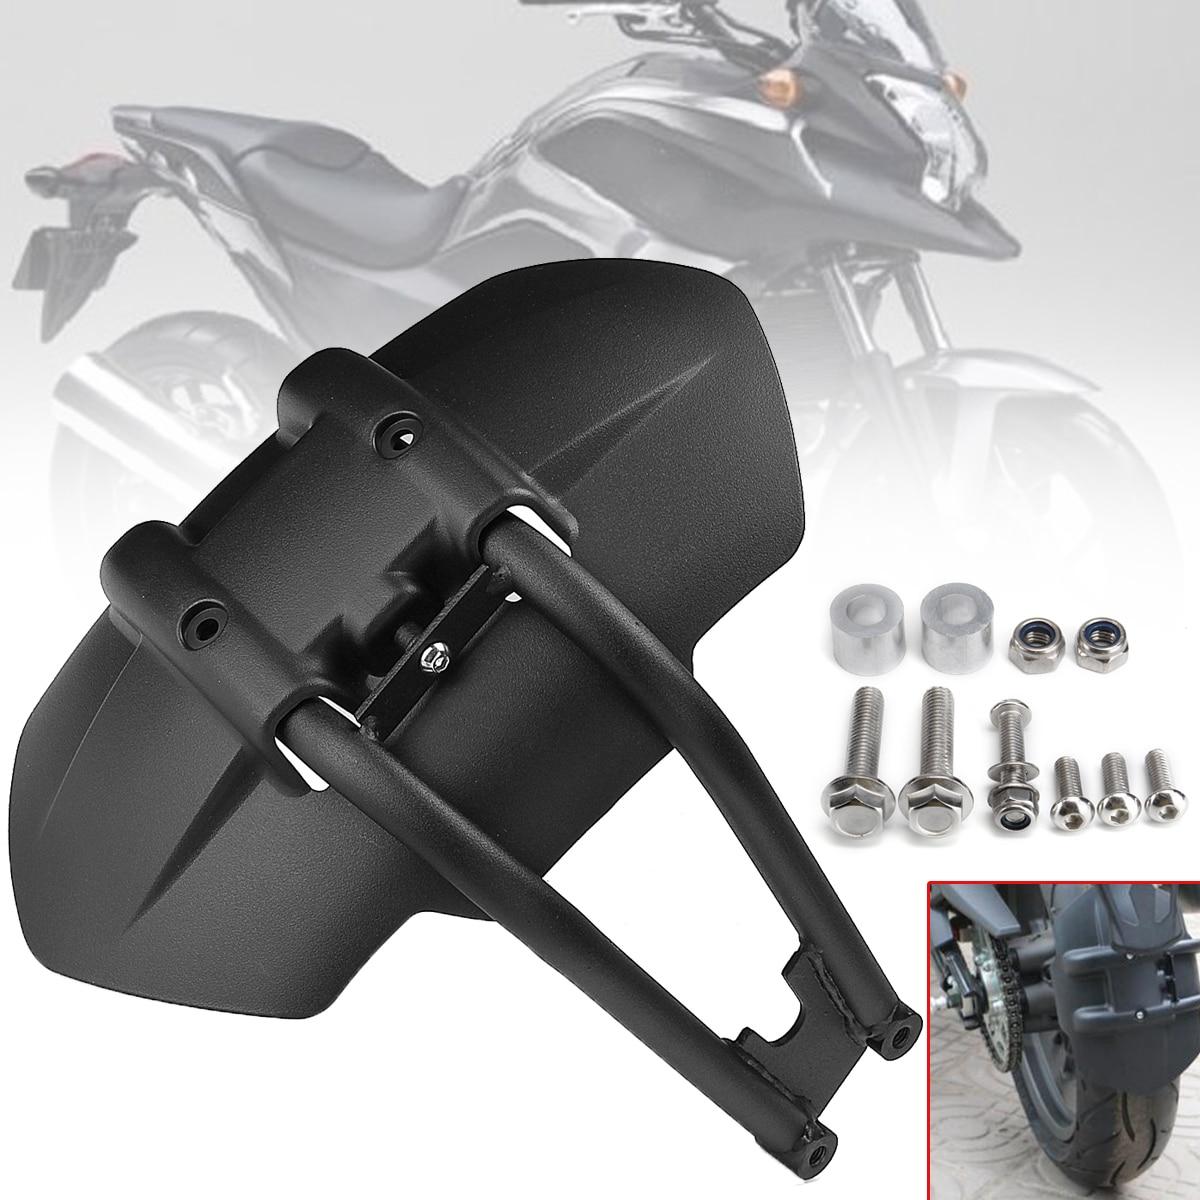 Accessoires moto Arrière Fender Support Moto Garde-Boue Splash Guard Pour Honda NC700/NC750D/CB1300/CB400